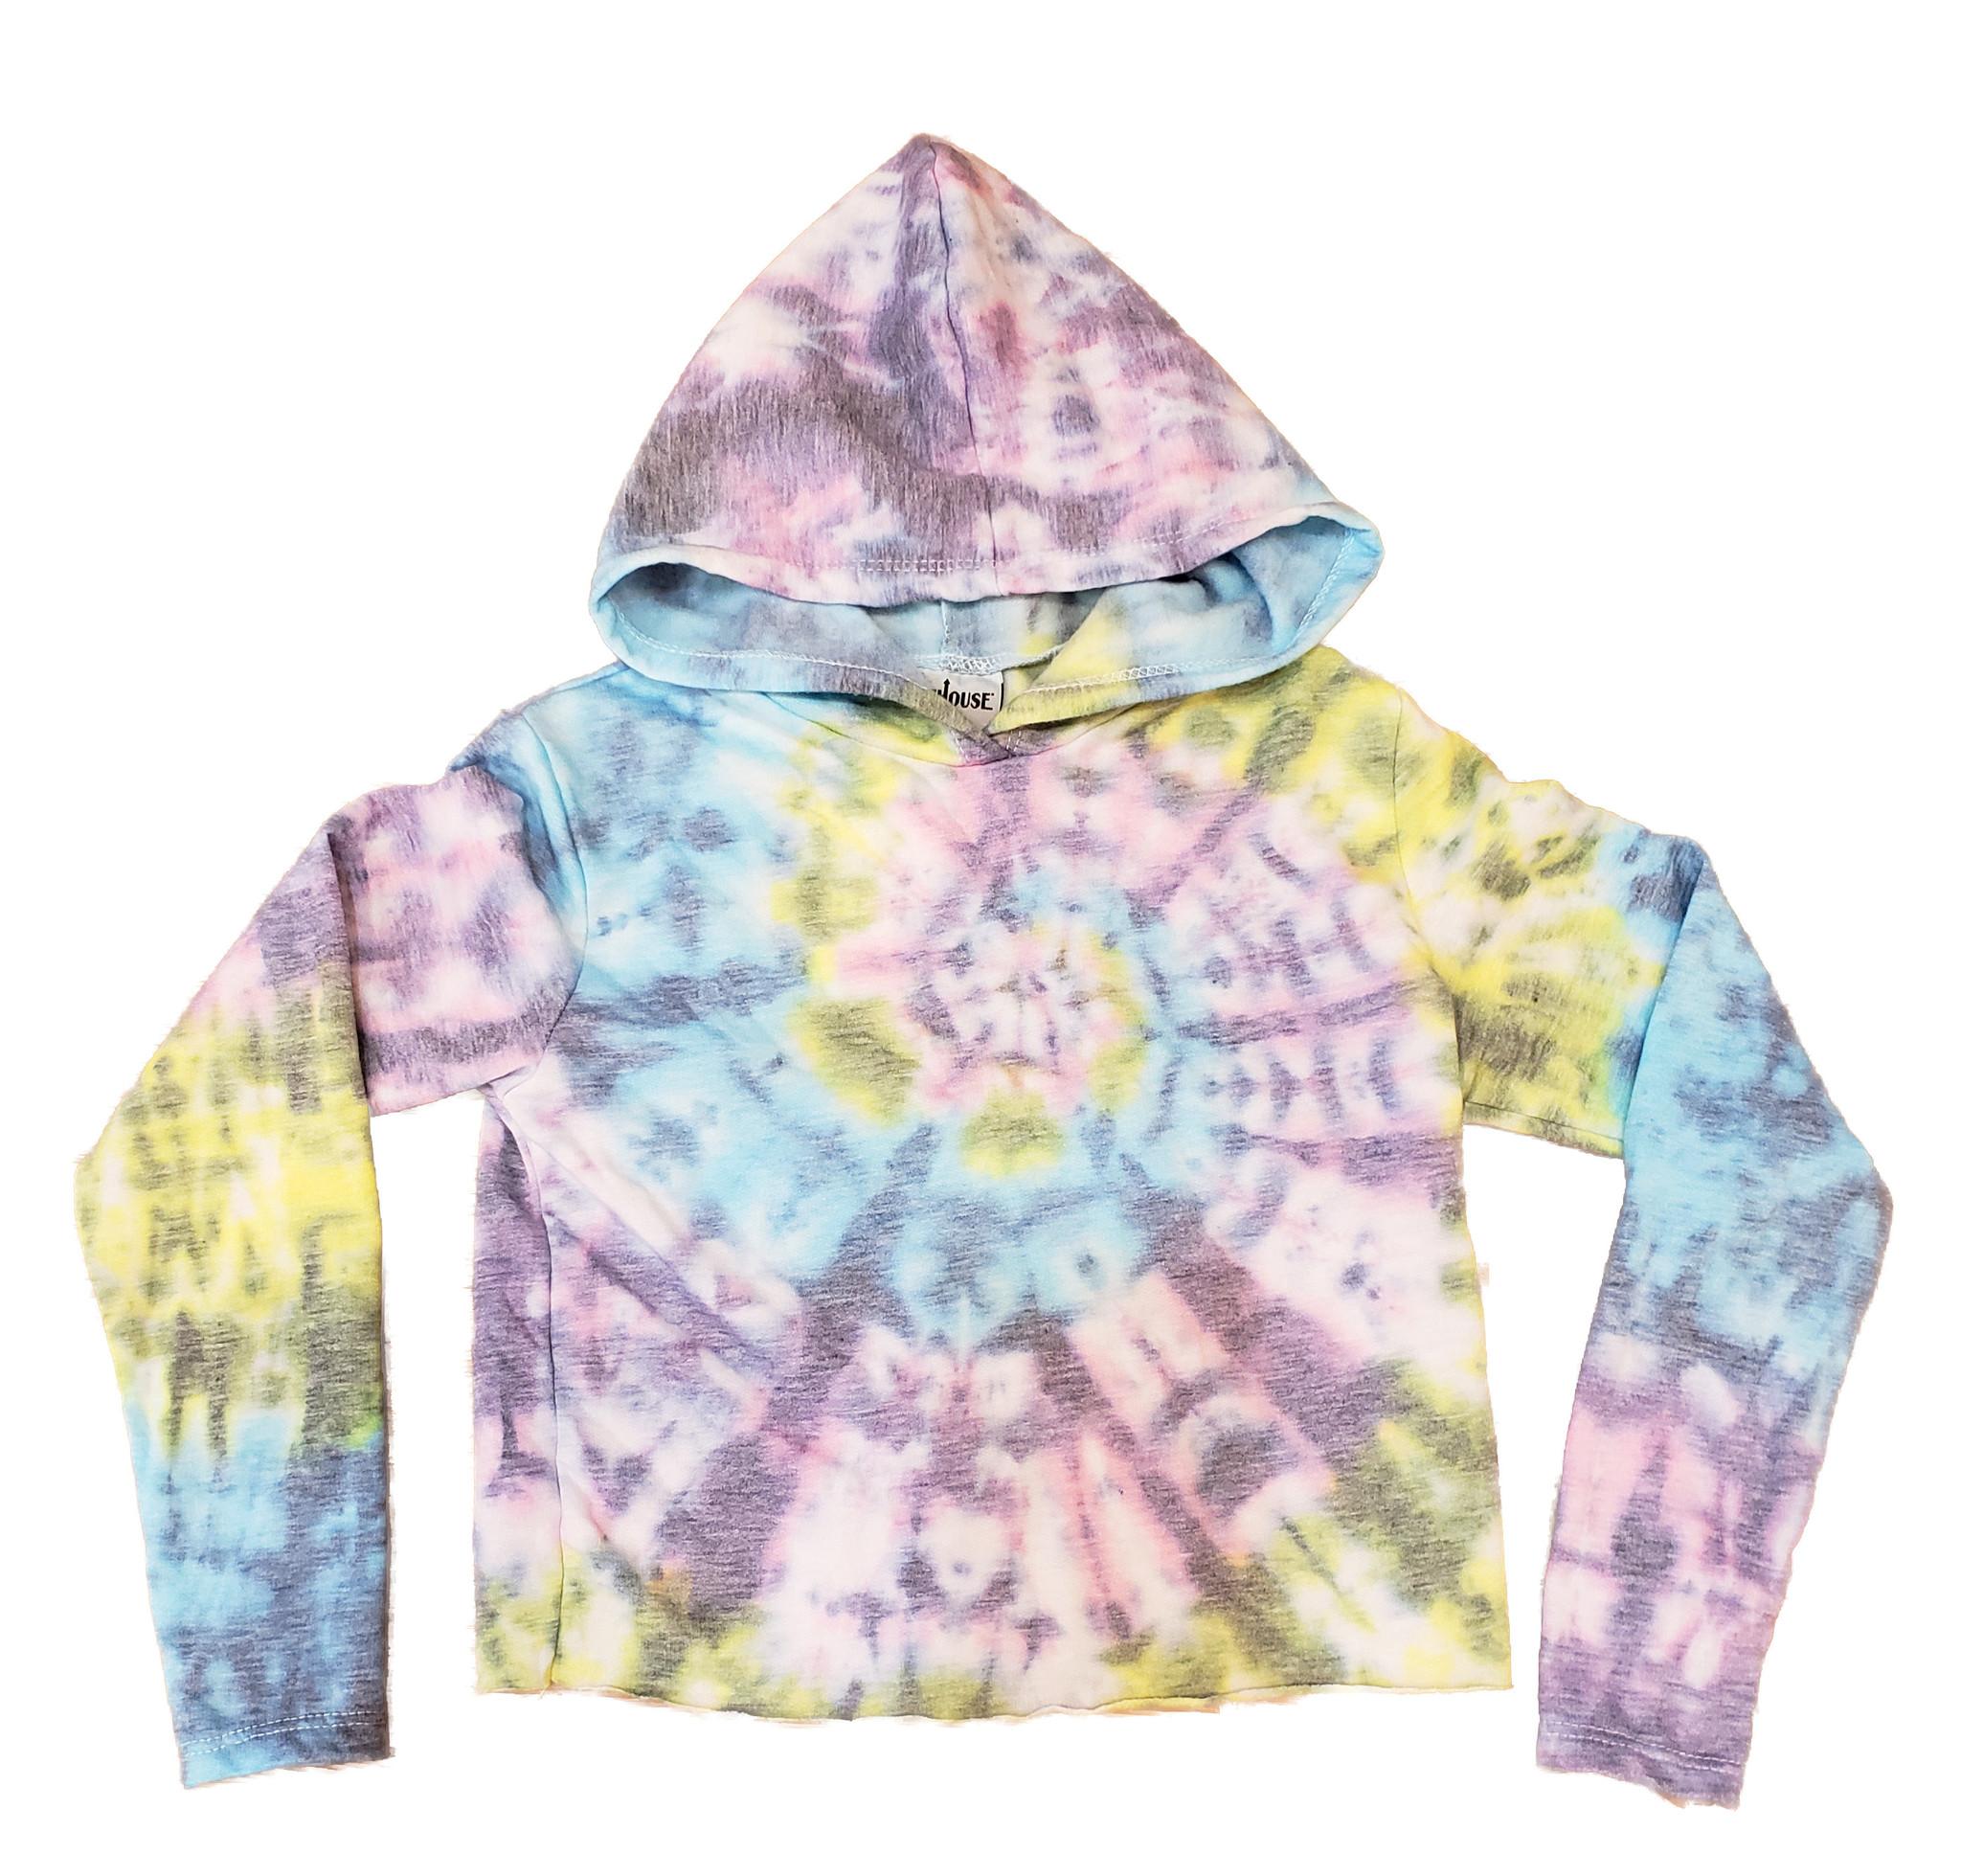 Firehouse Pastel / Grey Tie Dye Sweatshirt